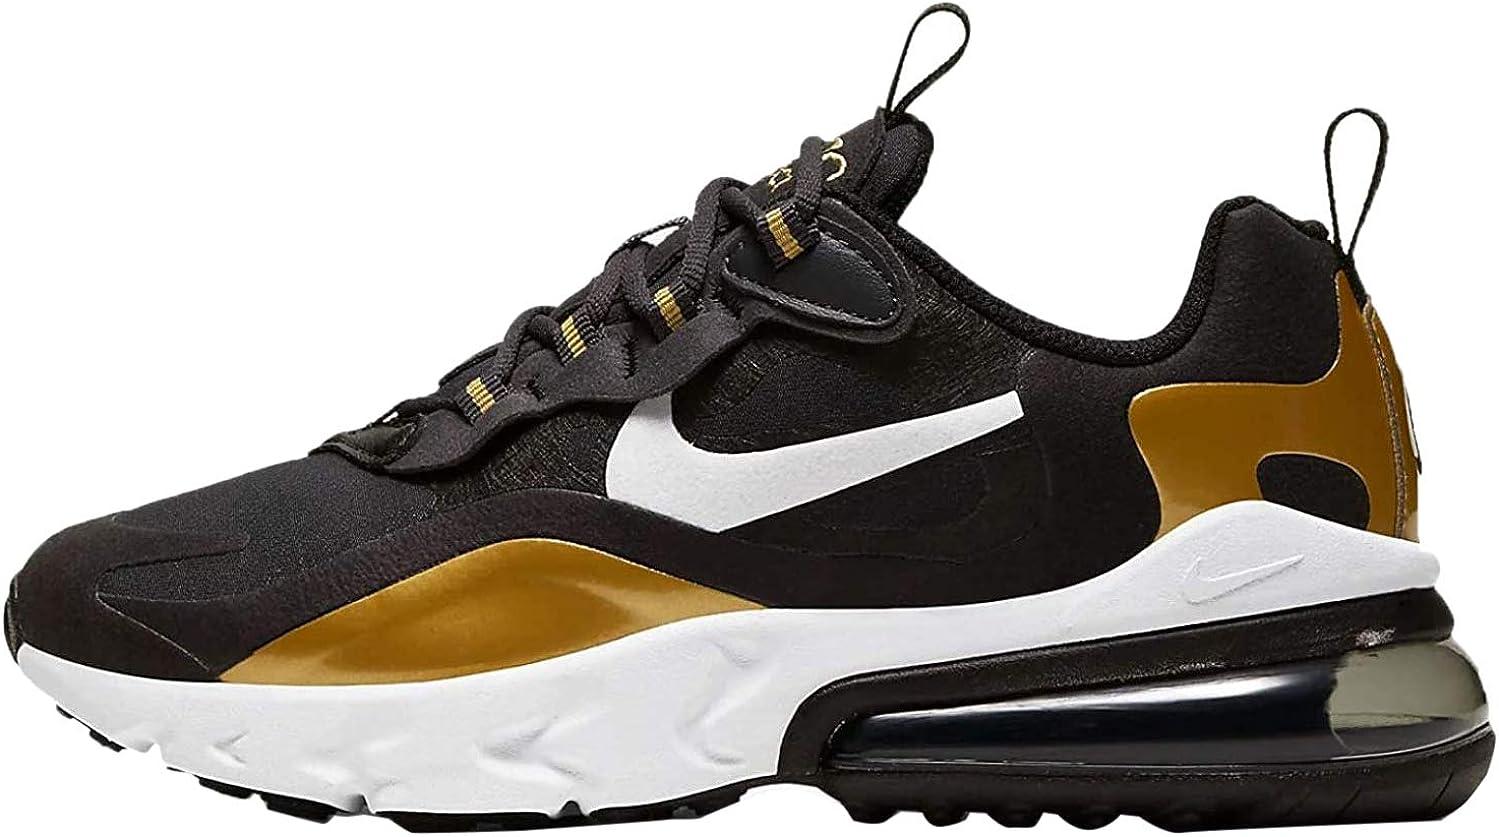 Nike Air Max 270 React Boys Shoes